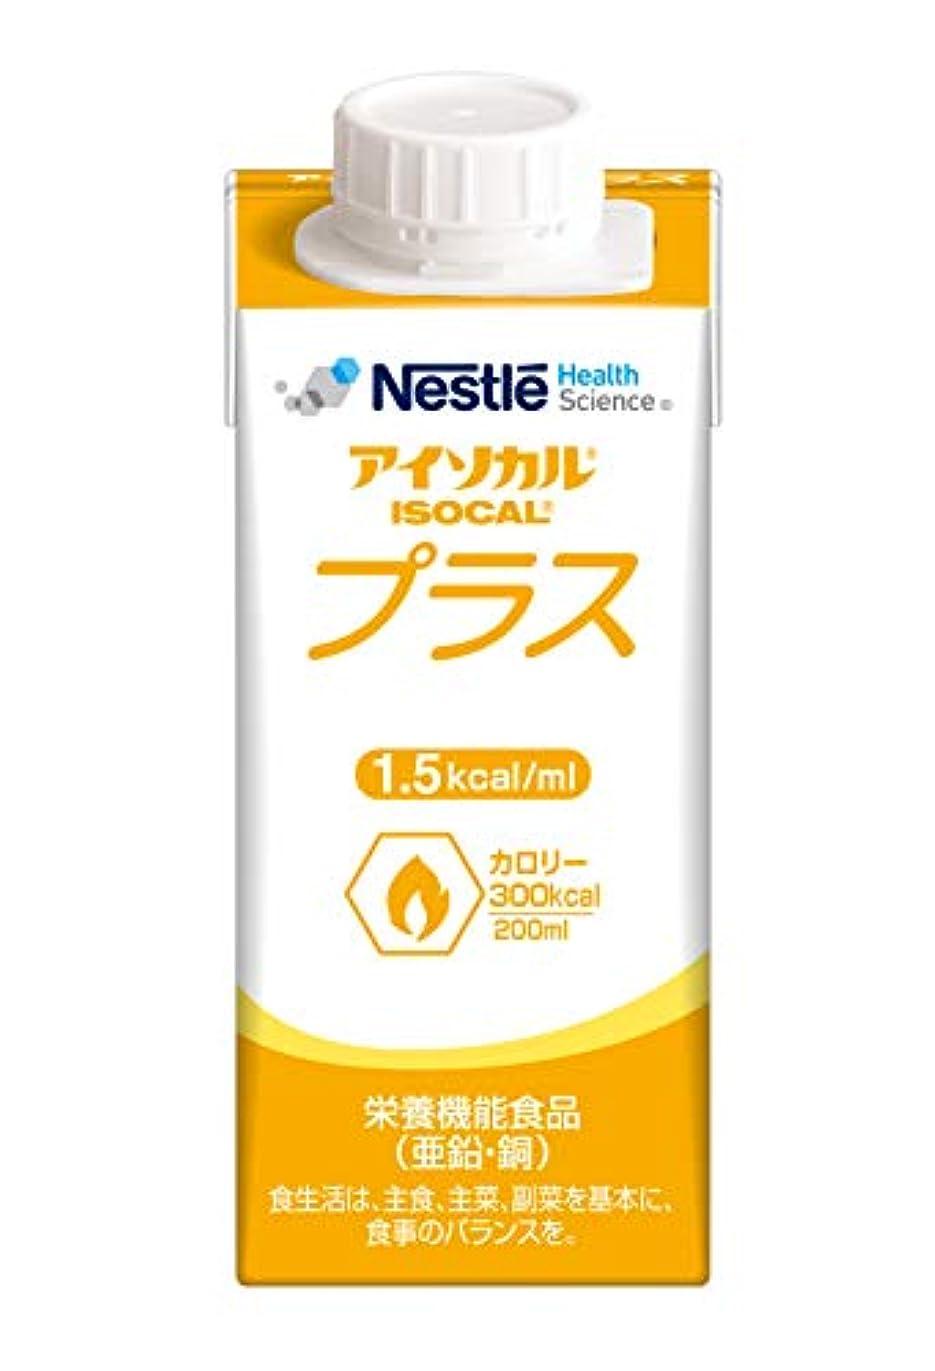 勝者とてもくぼみアイソカルプラス 200ml(300kcal)×20パック/ケース 【高濃度液状栄養食】 ネスレ